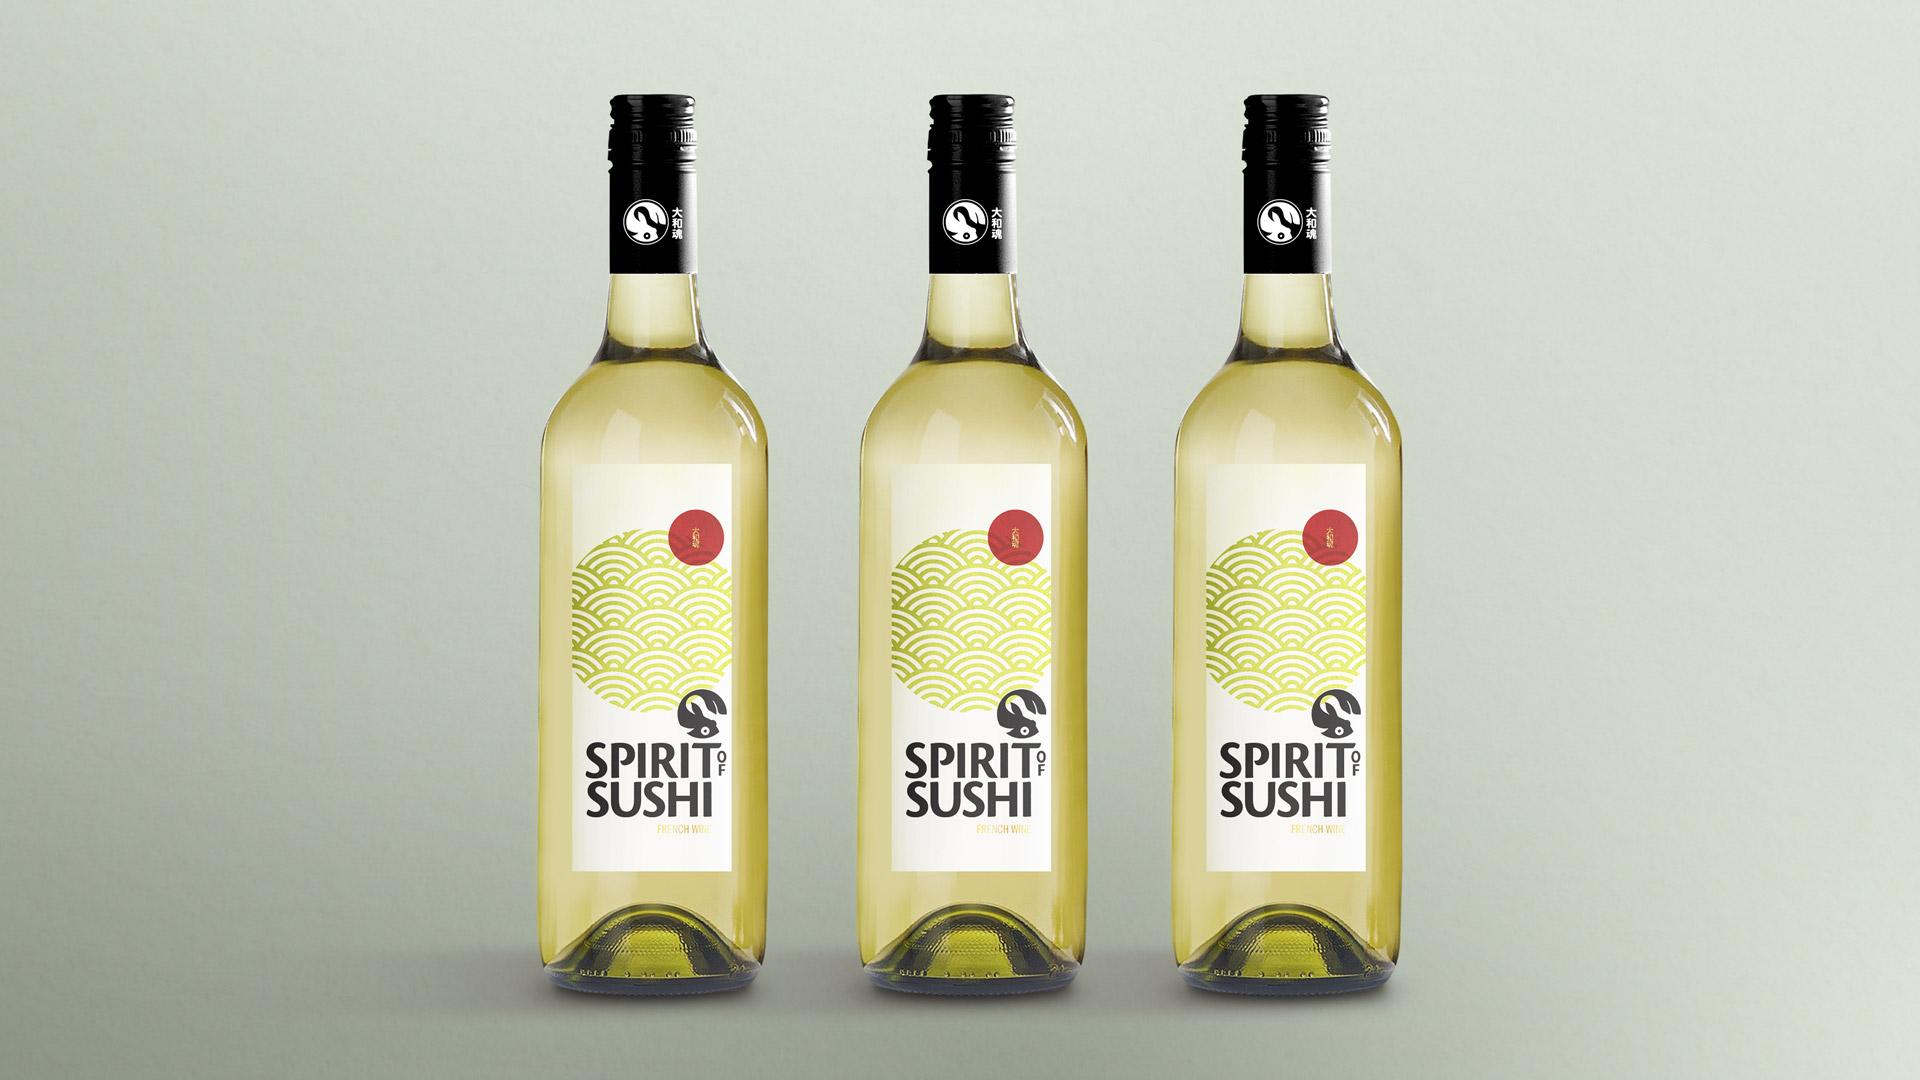 Spirit of sushi